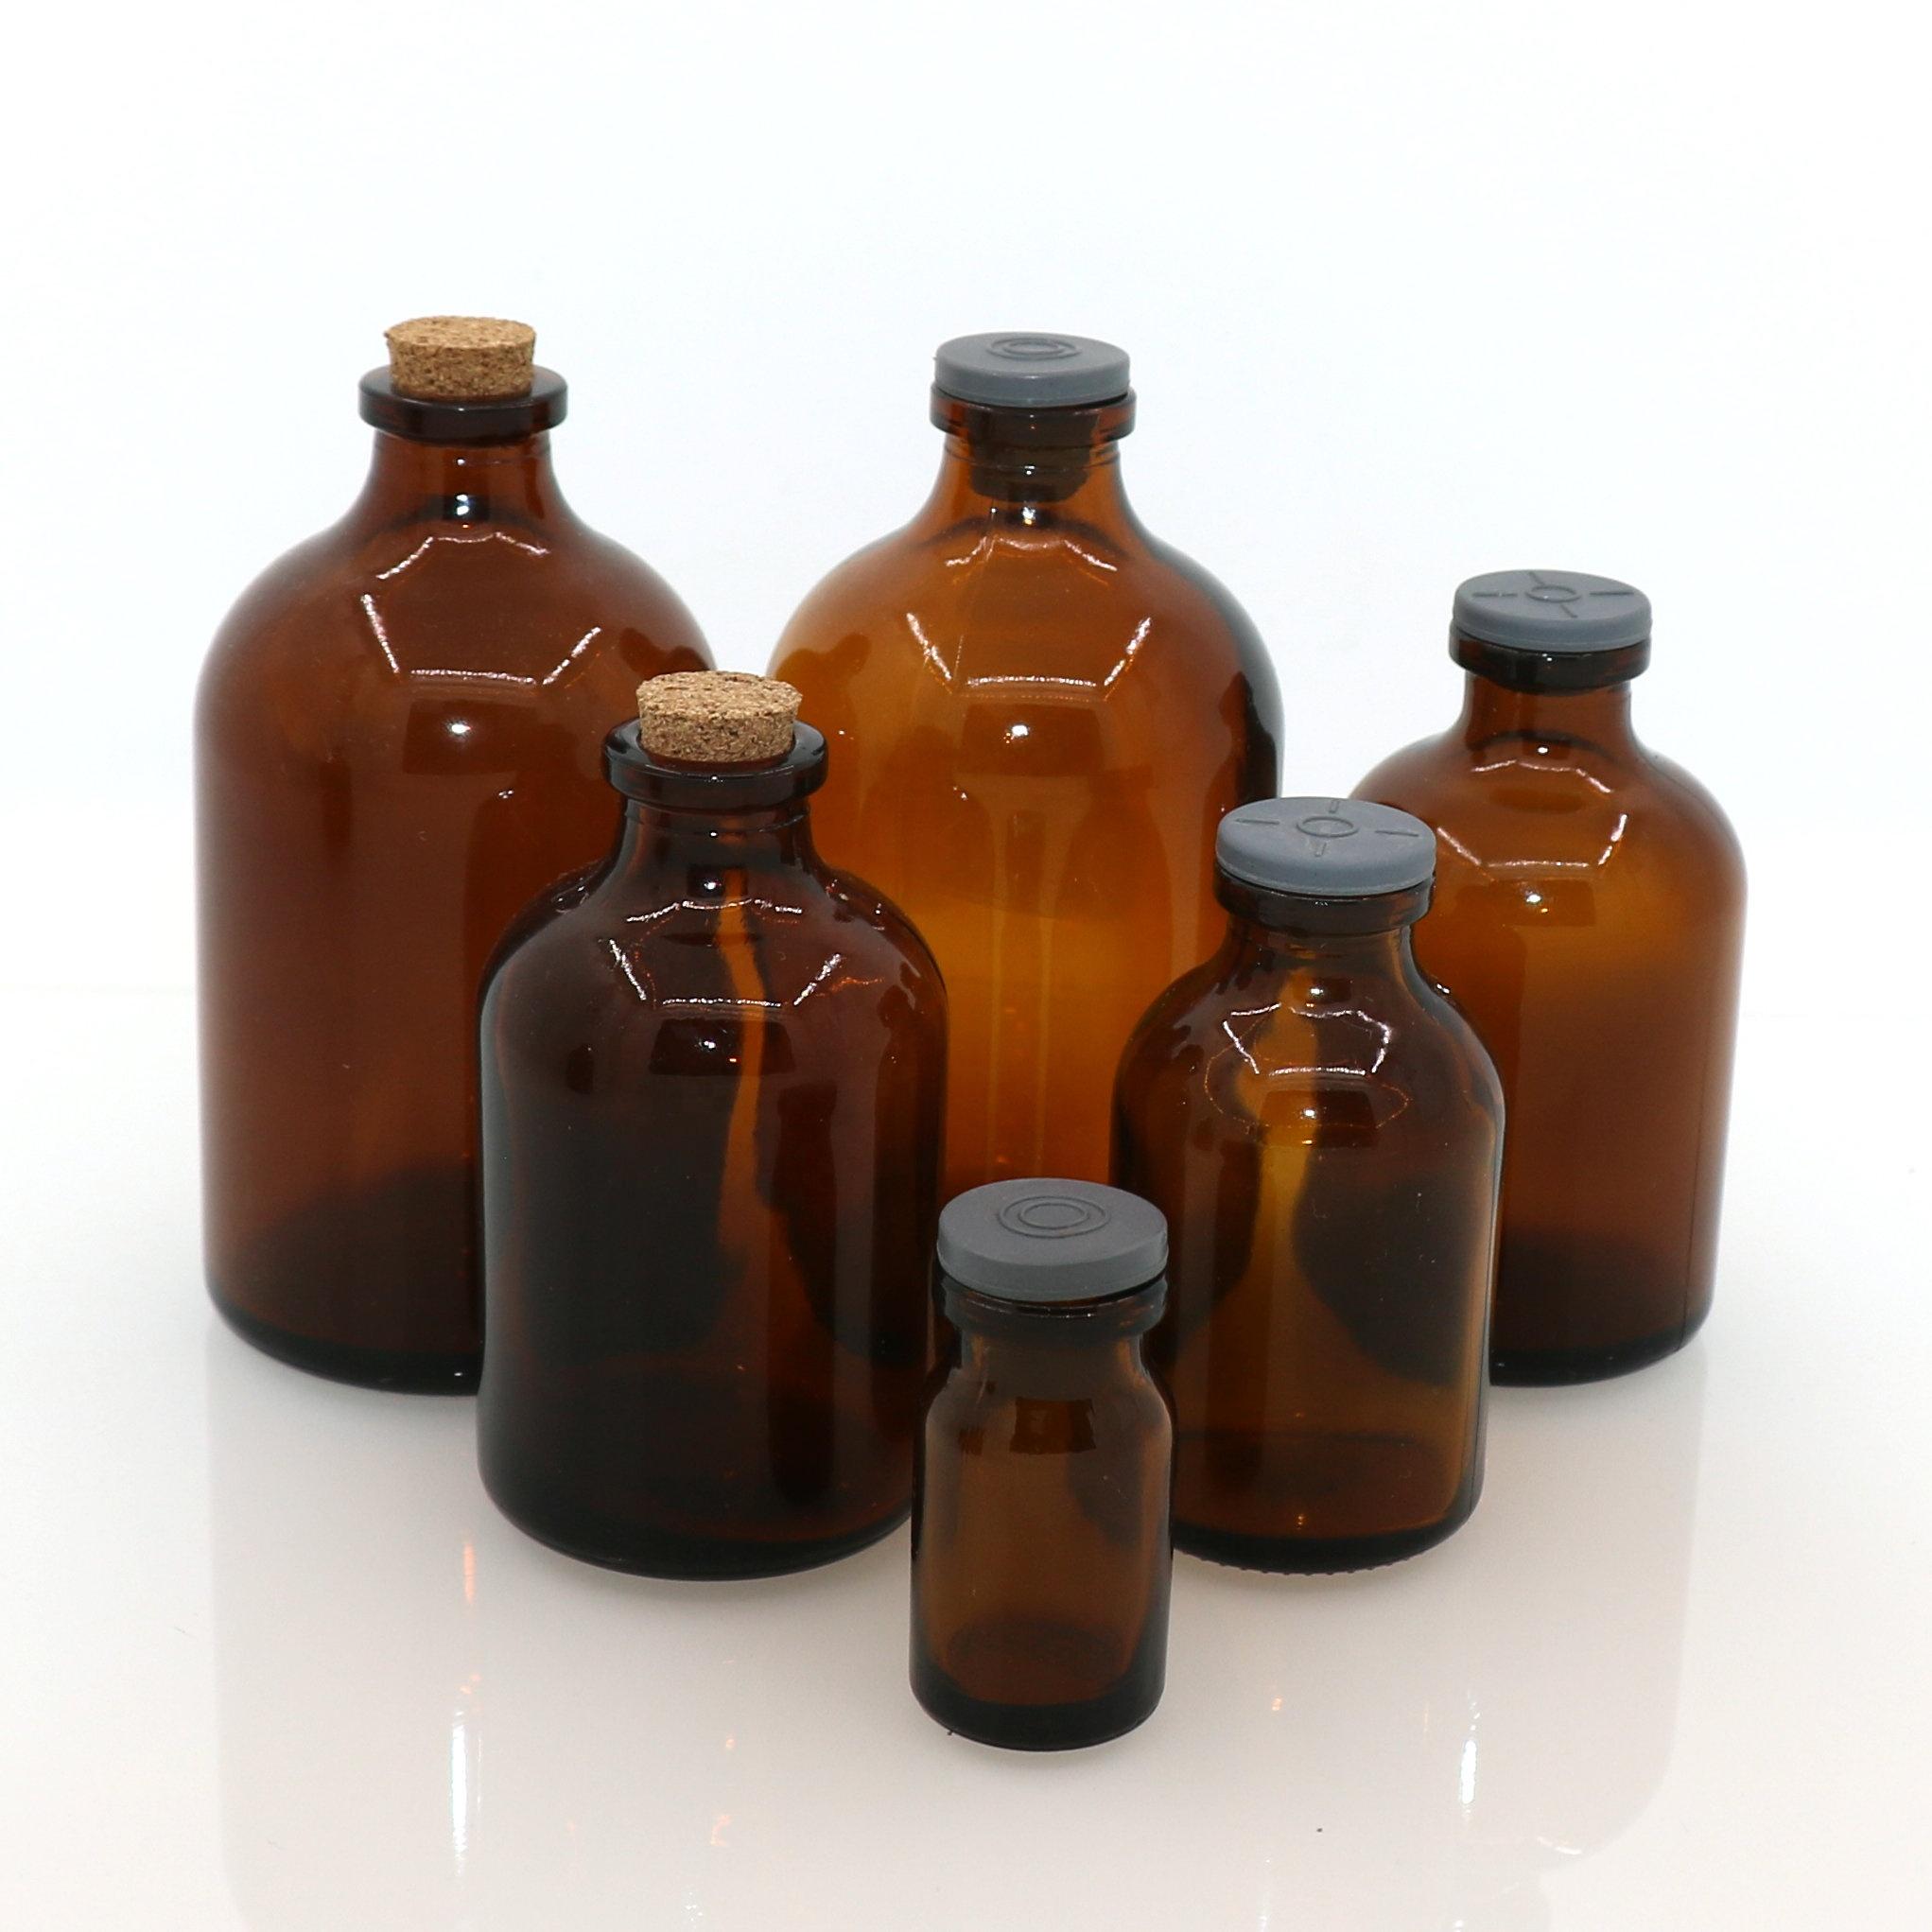 Factory Pharmaceutical Glass Vial Usp Type II Penicillin Vial for Medicine Use 7ml 10ml 20ml 30ml 50ml 100ml